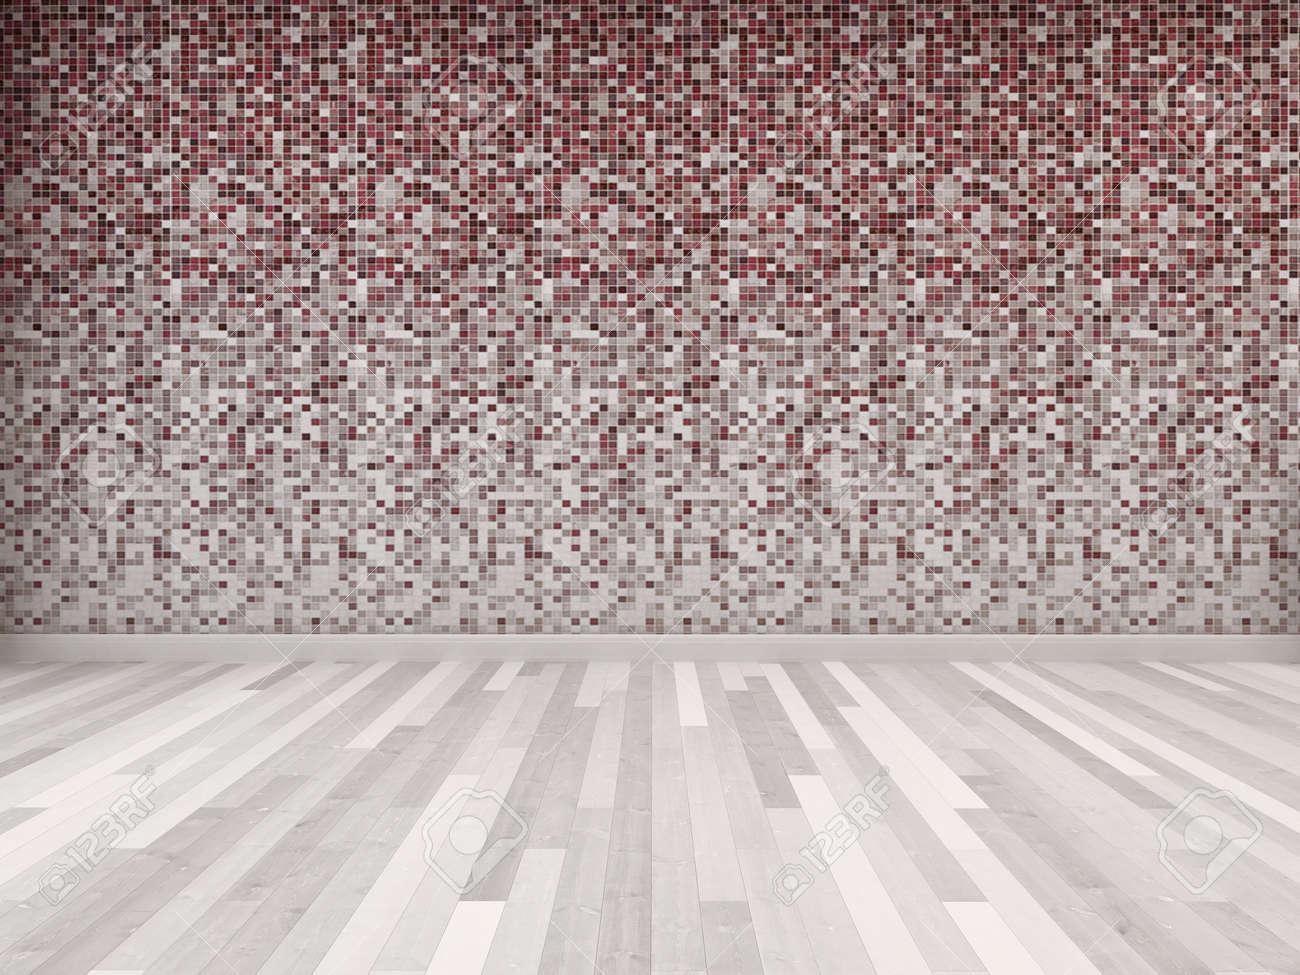 salle vide avec un sol en carrelage et parquet mur rouge et blanc dans les tons